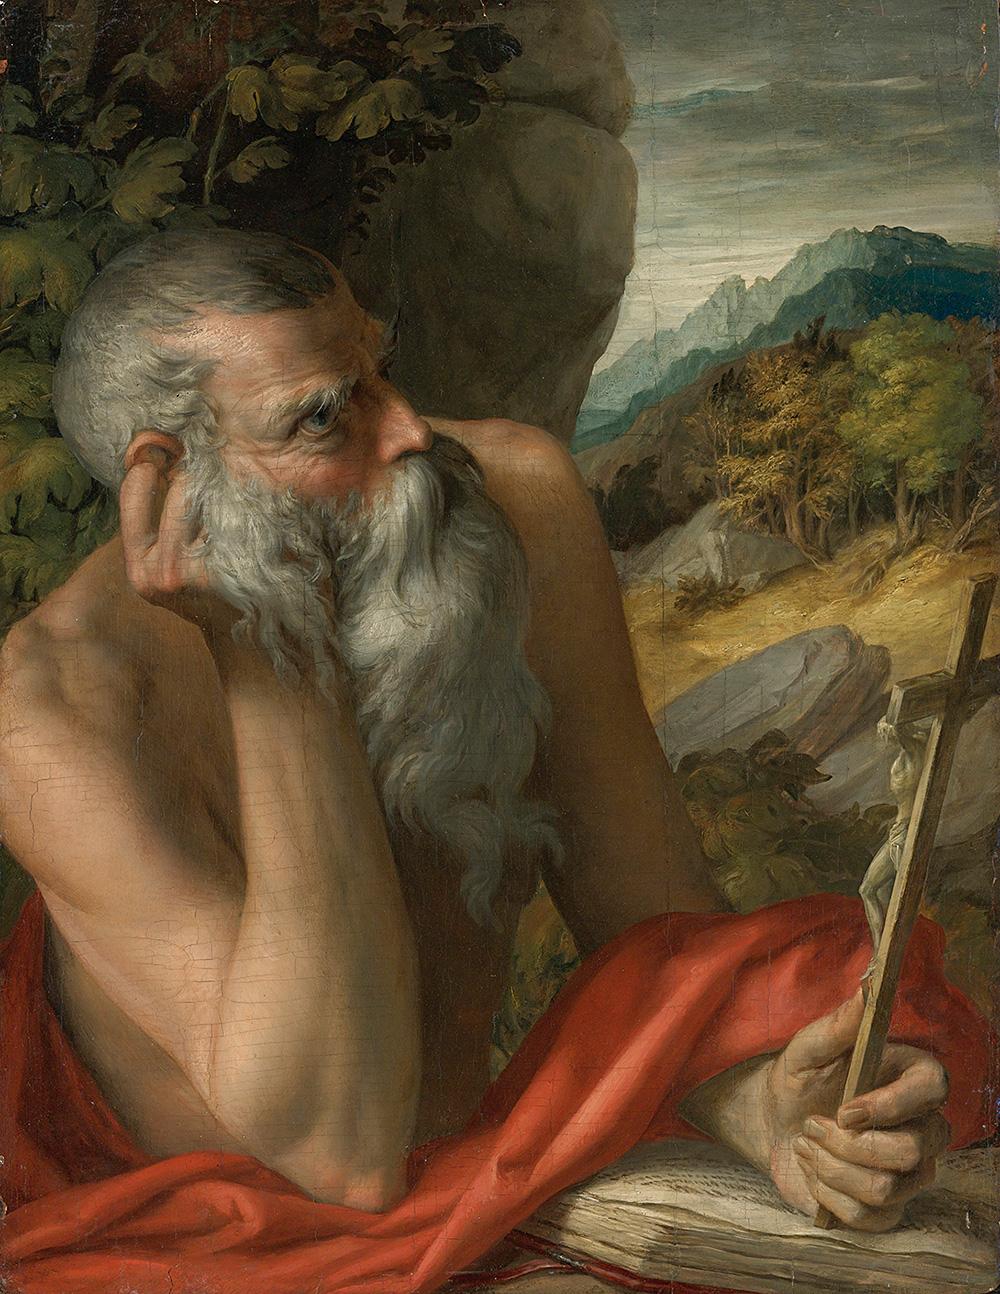 Лино Фронджиа (арестован 2019) / «Cвятой Иероним» был продан как Пармиджанино на акционе Sotheby's, но затем признан подделкой